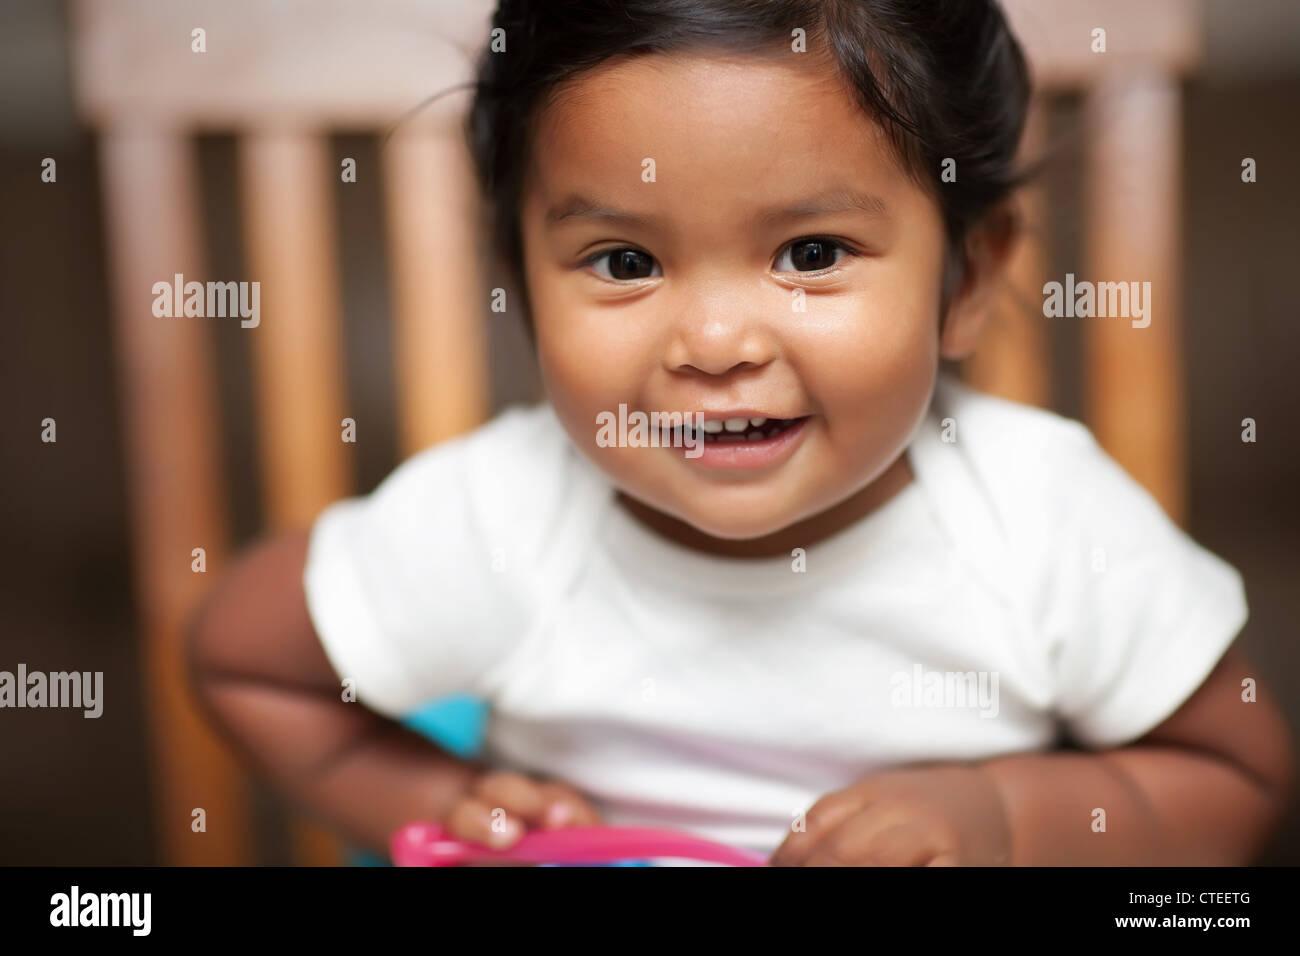 Emocionada niña sosteniendo una cuchara y sentado en un asiento auxiliar Imagen De Stock